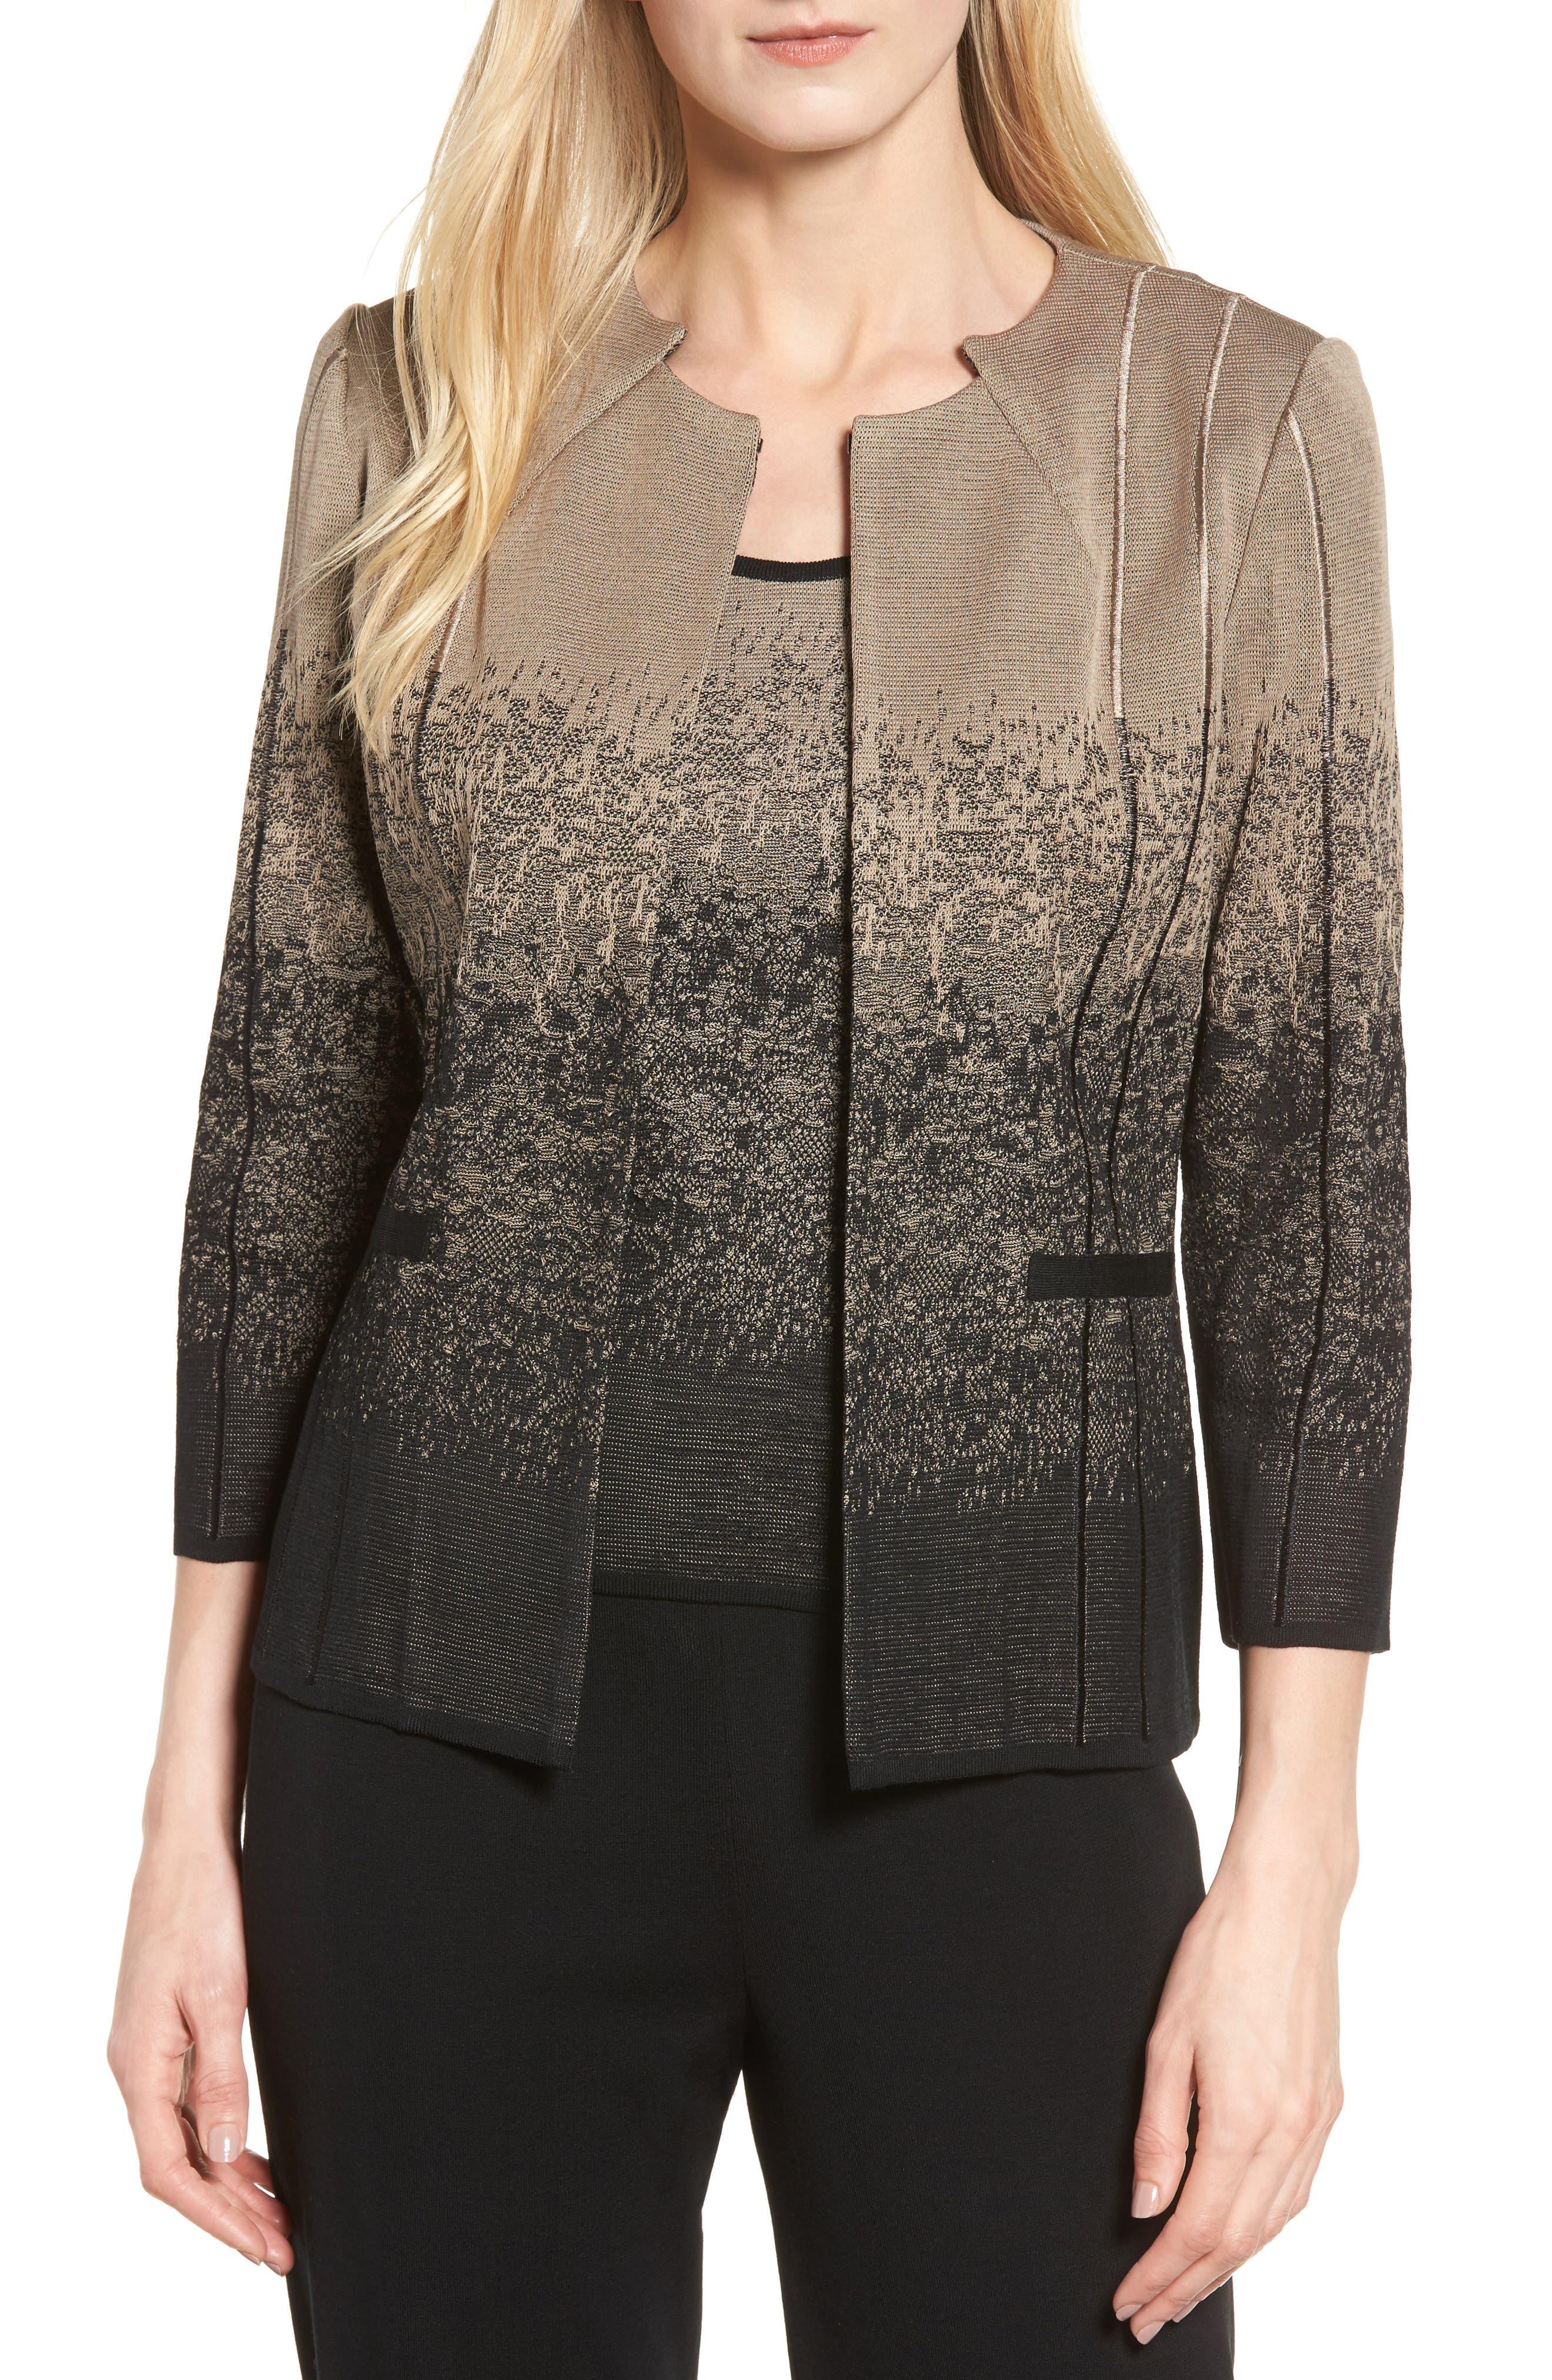 Jacquard Knit Jacket,                         Main,                         color, Ash/ Black